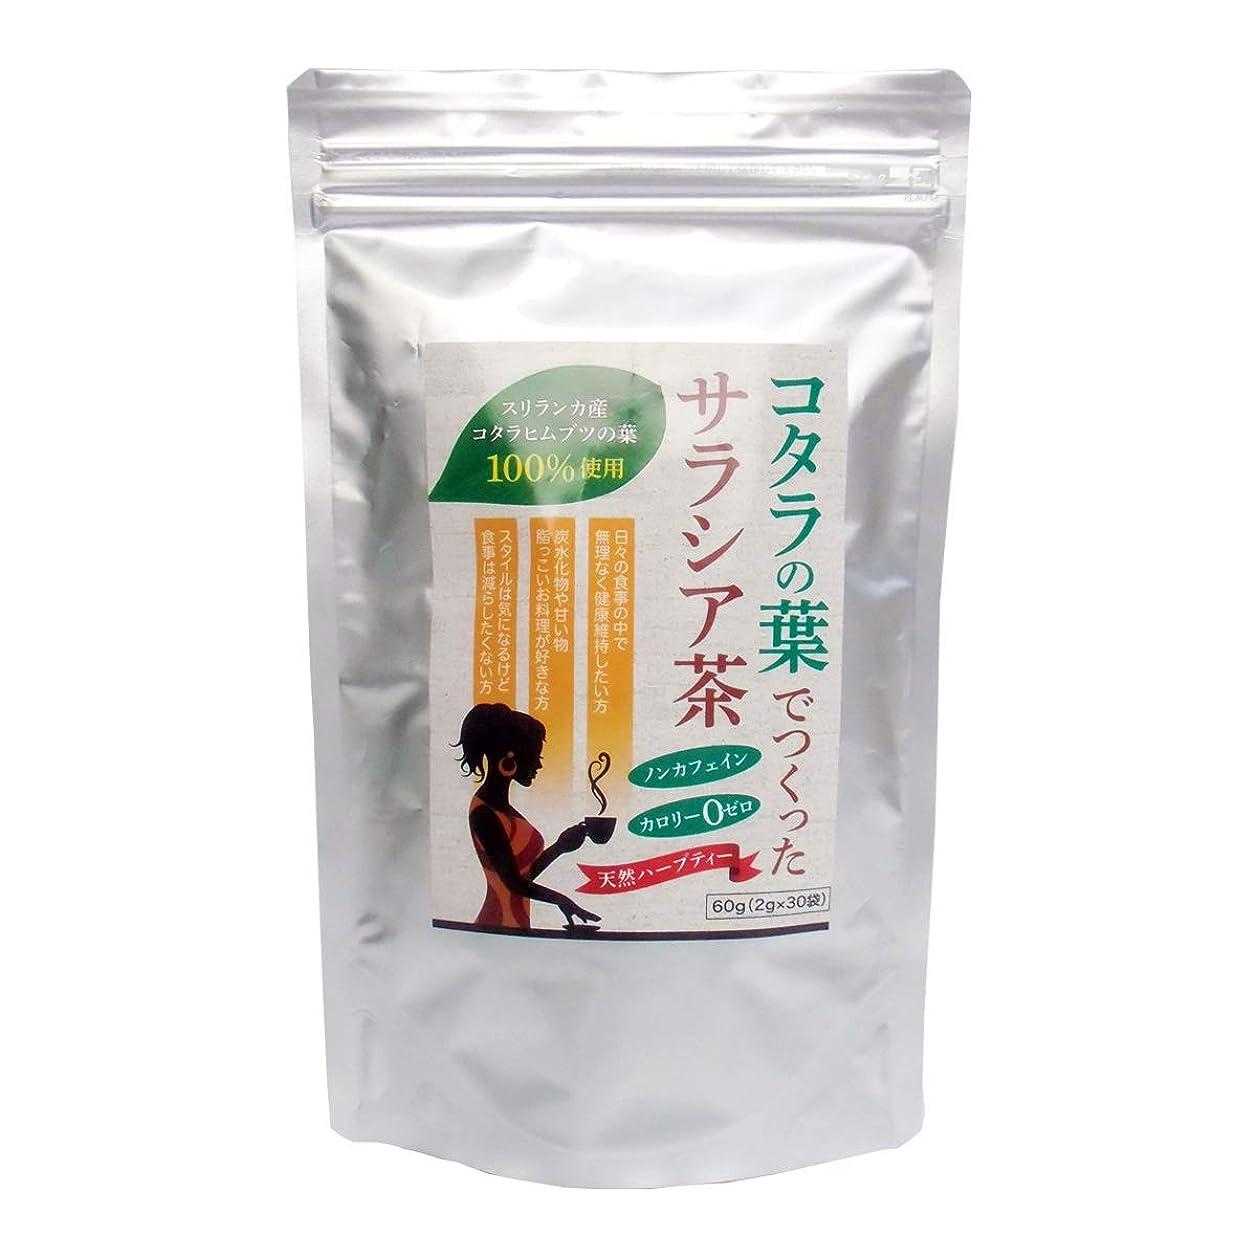 リーチ発音ラオス人【初回限定お試し価格】コタラの葉でつくったサラシア茶 (茶葉タイプ) 60g (2g×30袋)